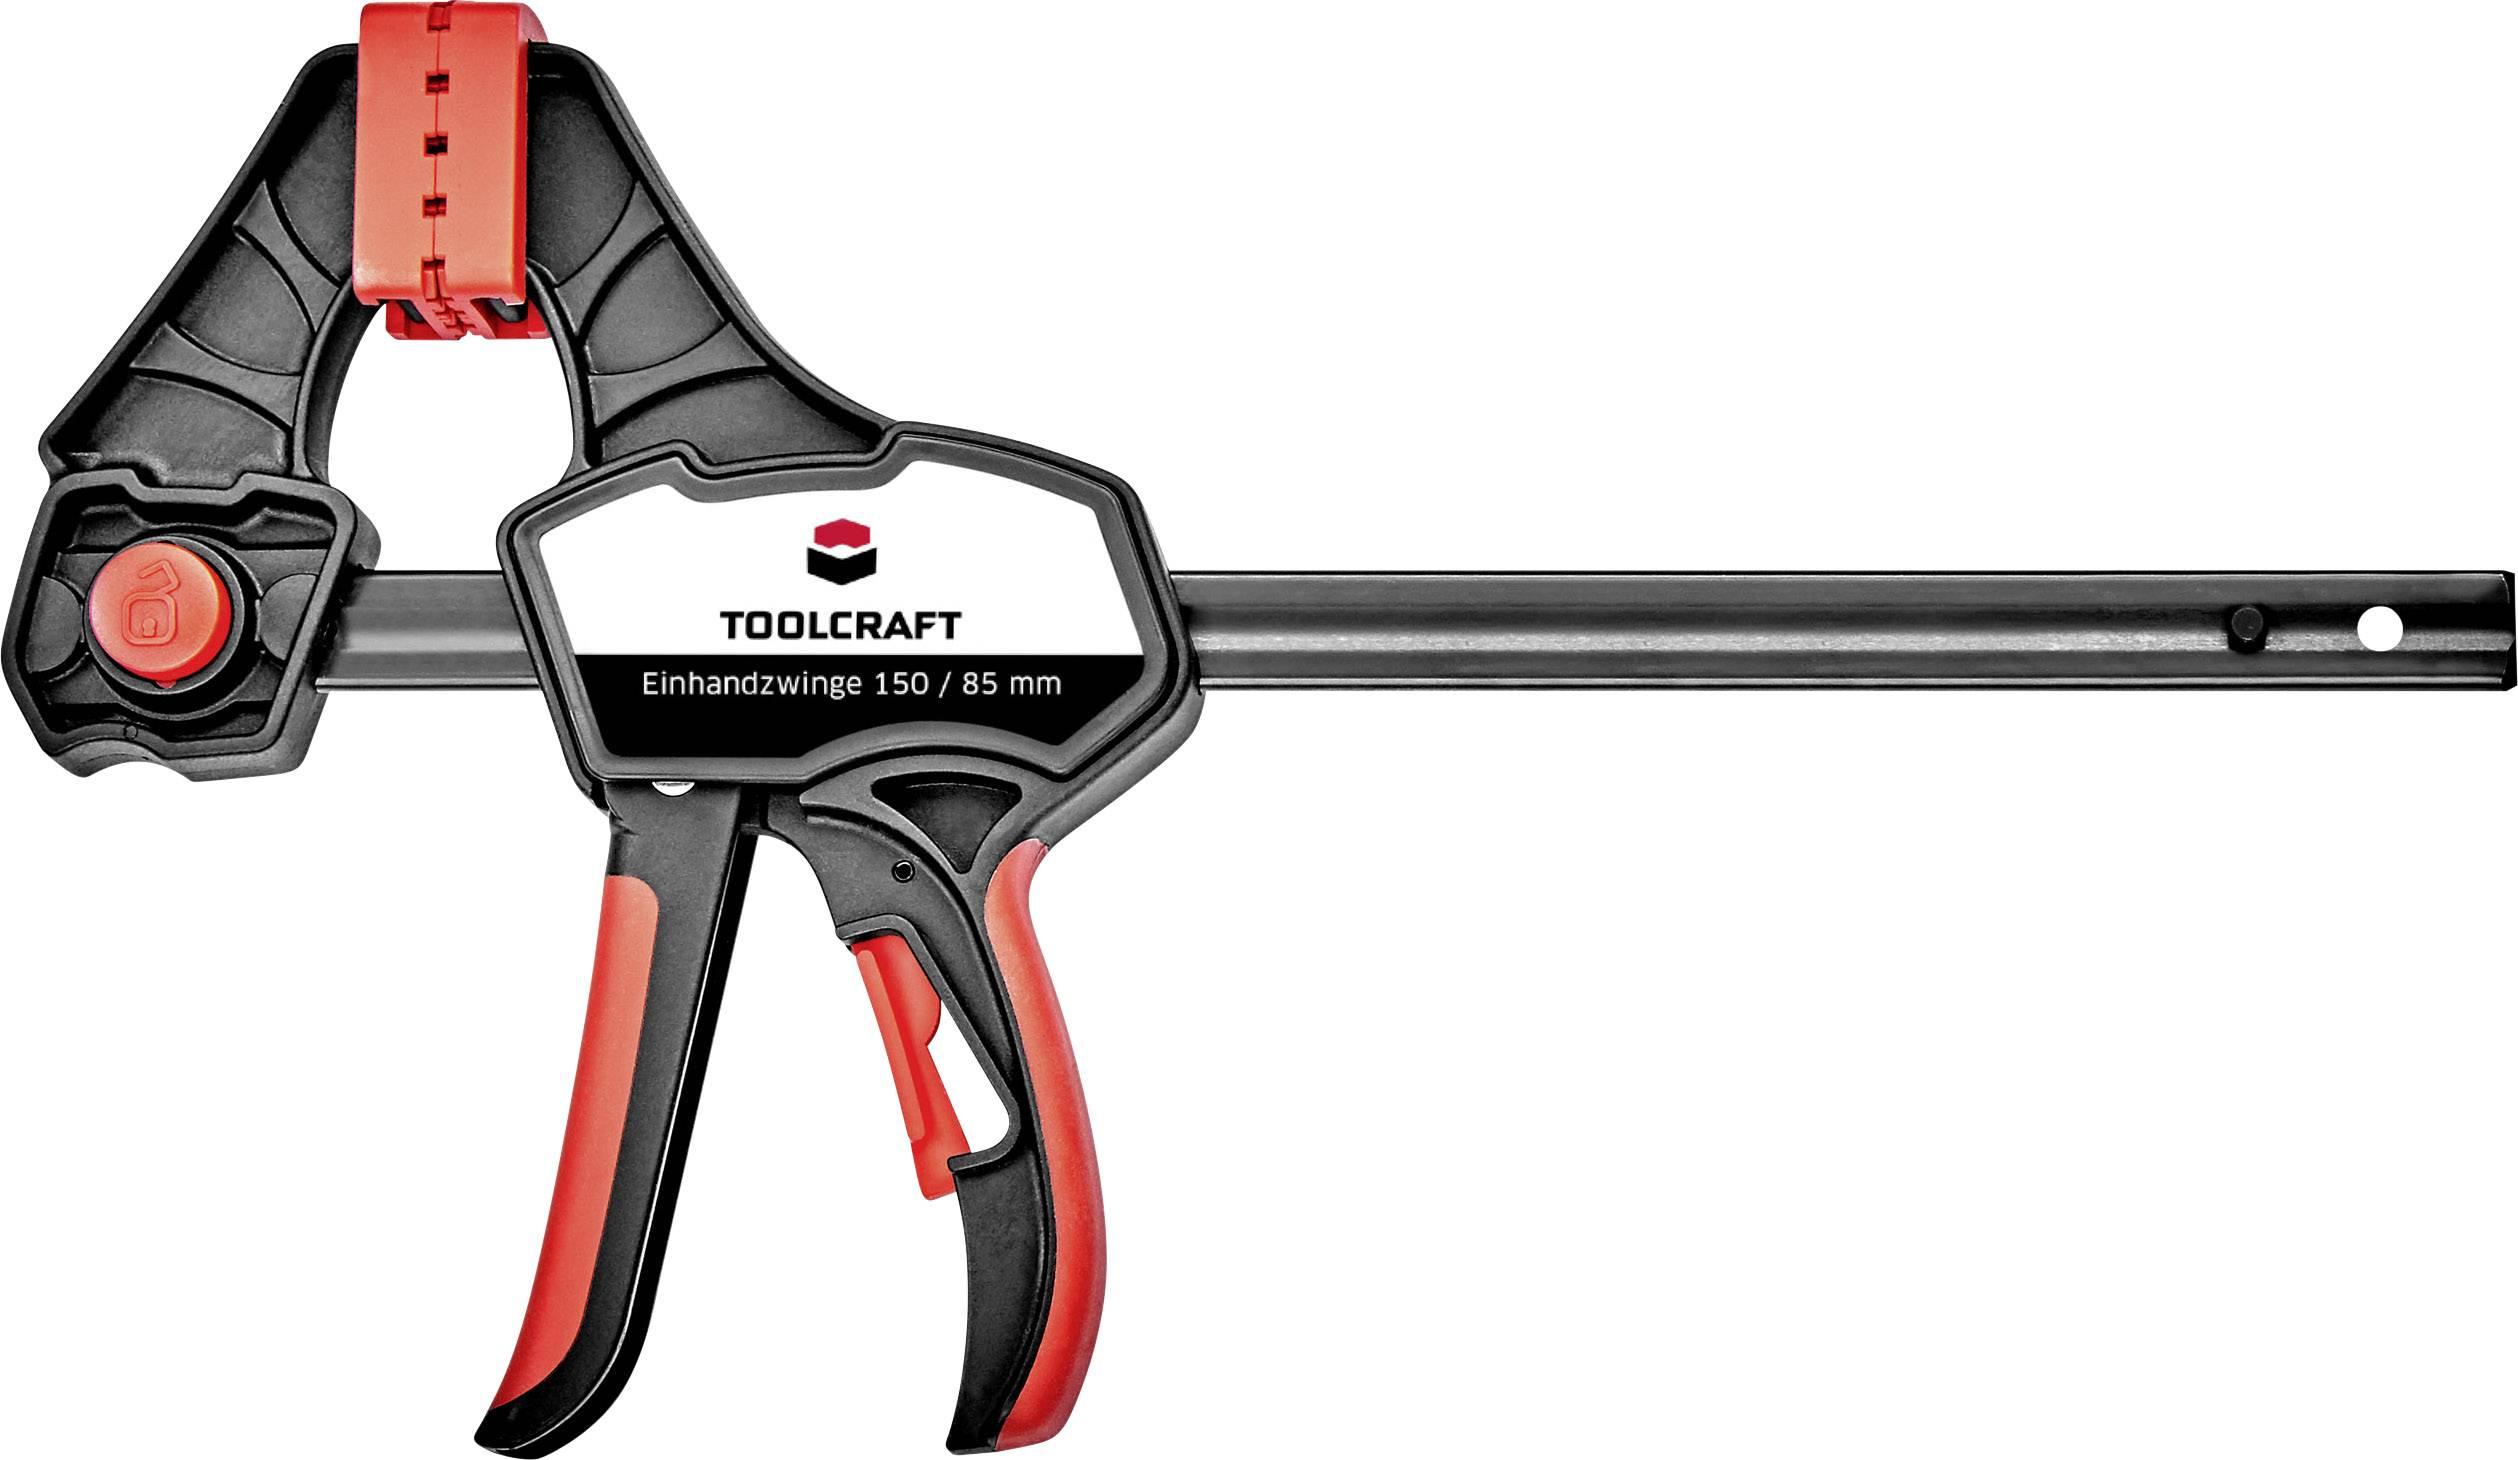 Jednoruční svěrka 150 / 85 mm TOOLCRAFT 1544398, rozpětí (max.) 150 mm, délka vyložení 85 mm